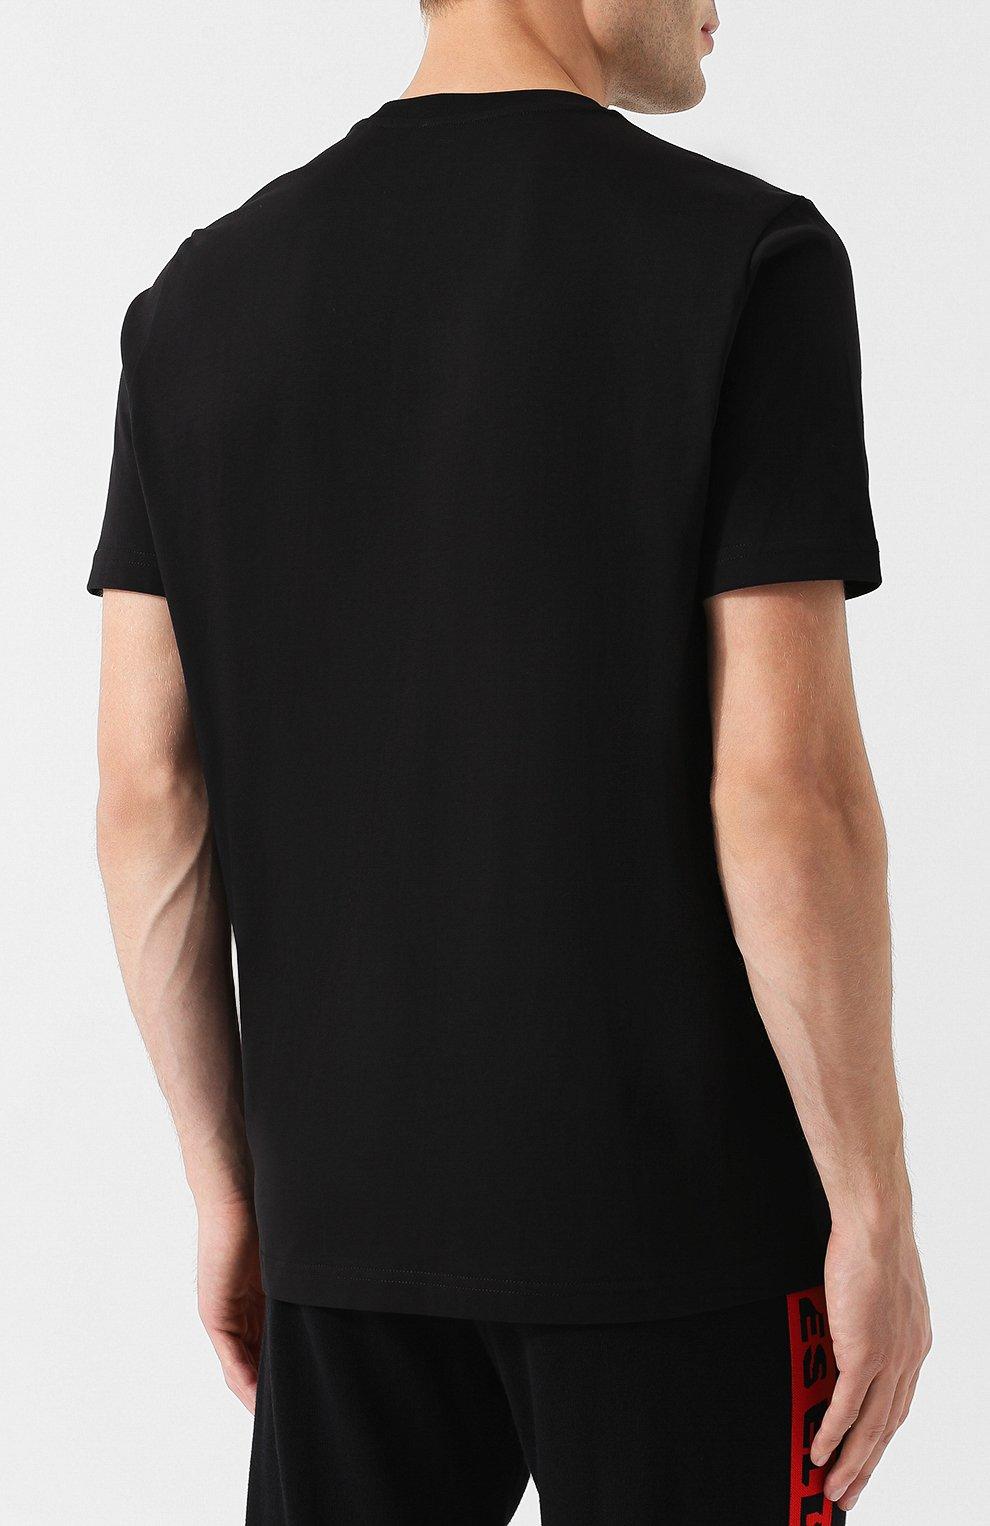 Хлопковая футболка с круглым вырезом Diesel черная   Фото №4